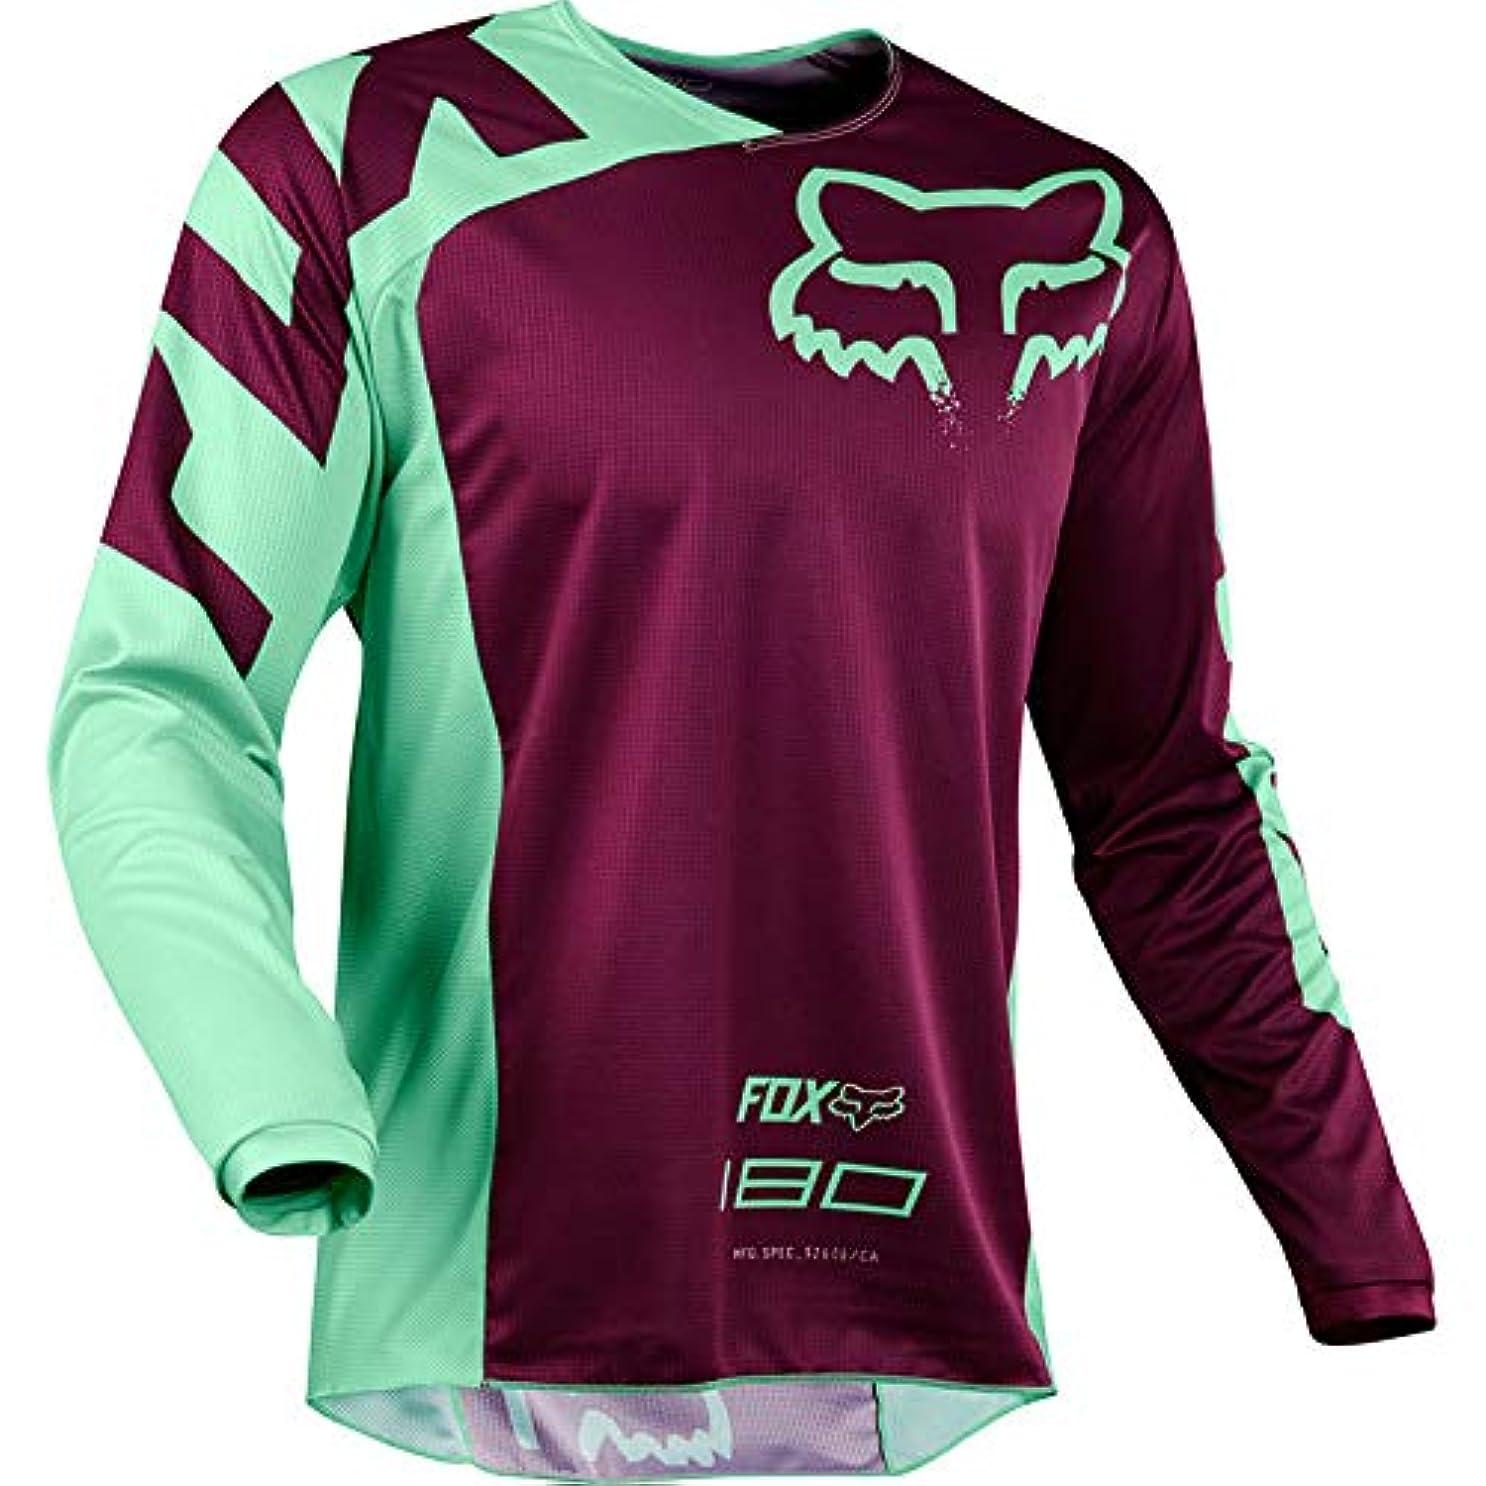 災難本気スイング2019 ロングモトクロスジャージダウンヒルバイク自転車 Pro の Moto オフロード Tシャツ服衣類トップ DH MX GP RBX MTB